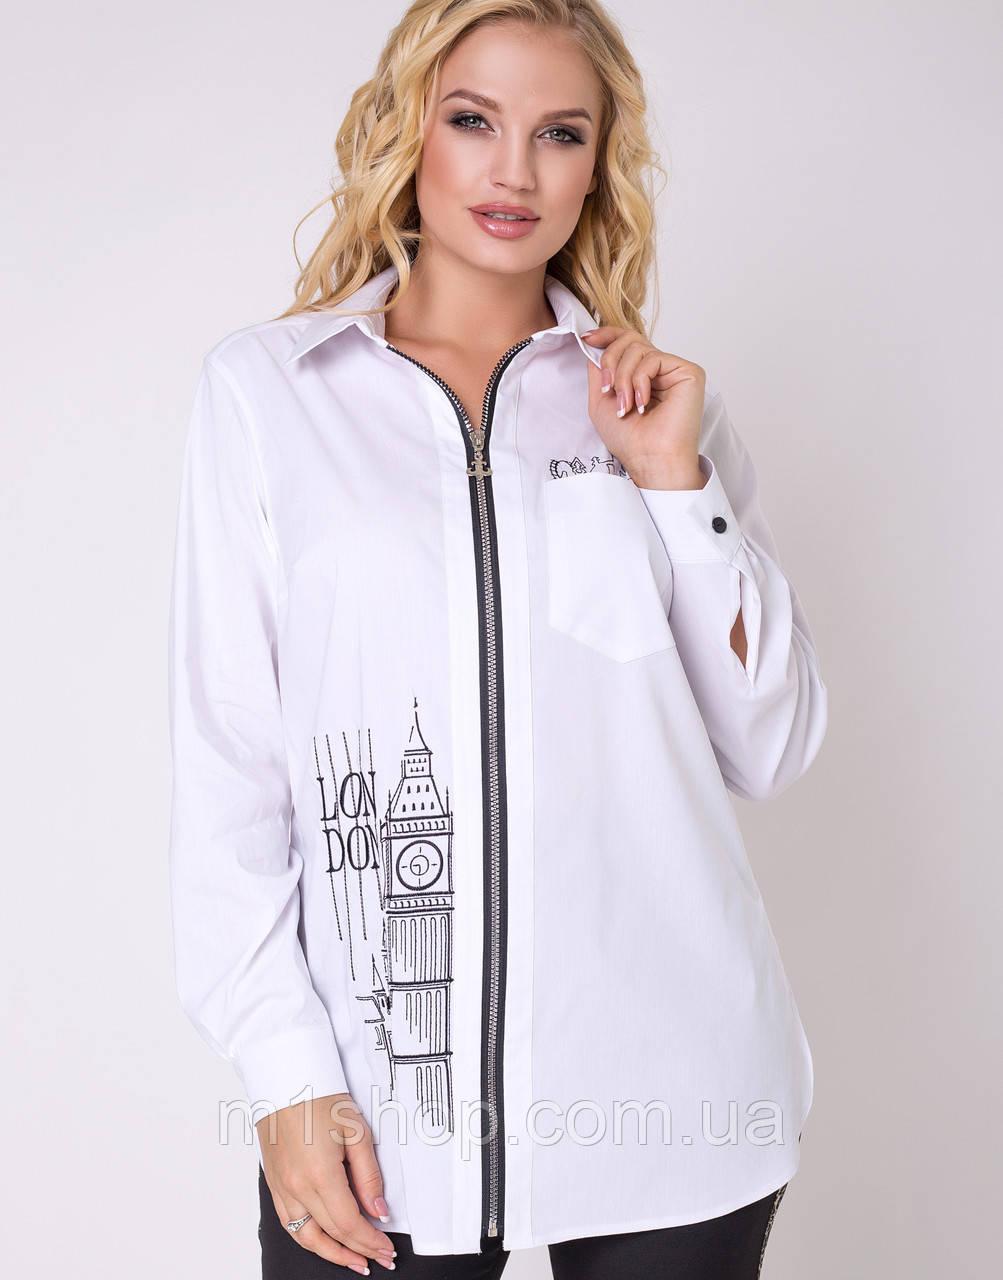 Женская  рубашка с на молнии больших размеров (Денди lzn)